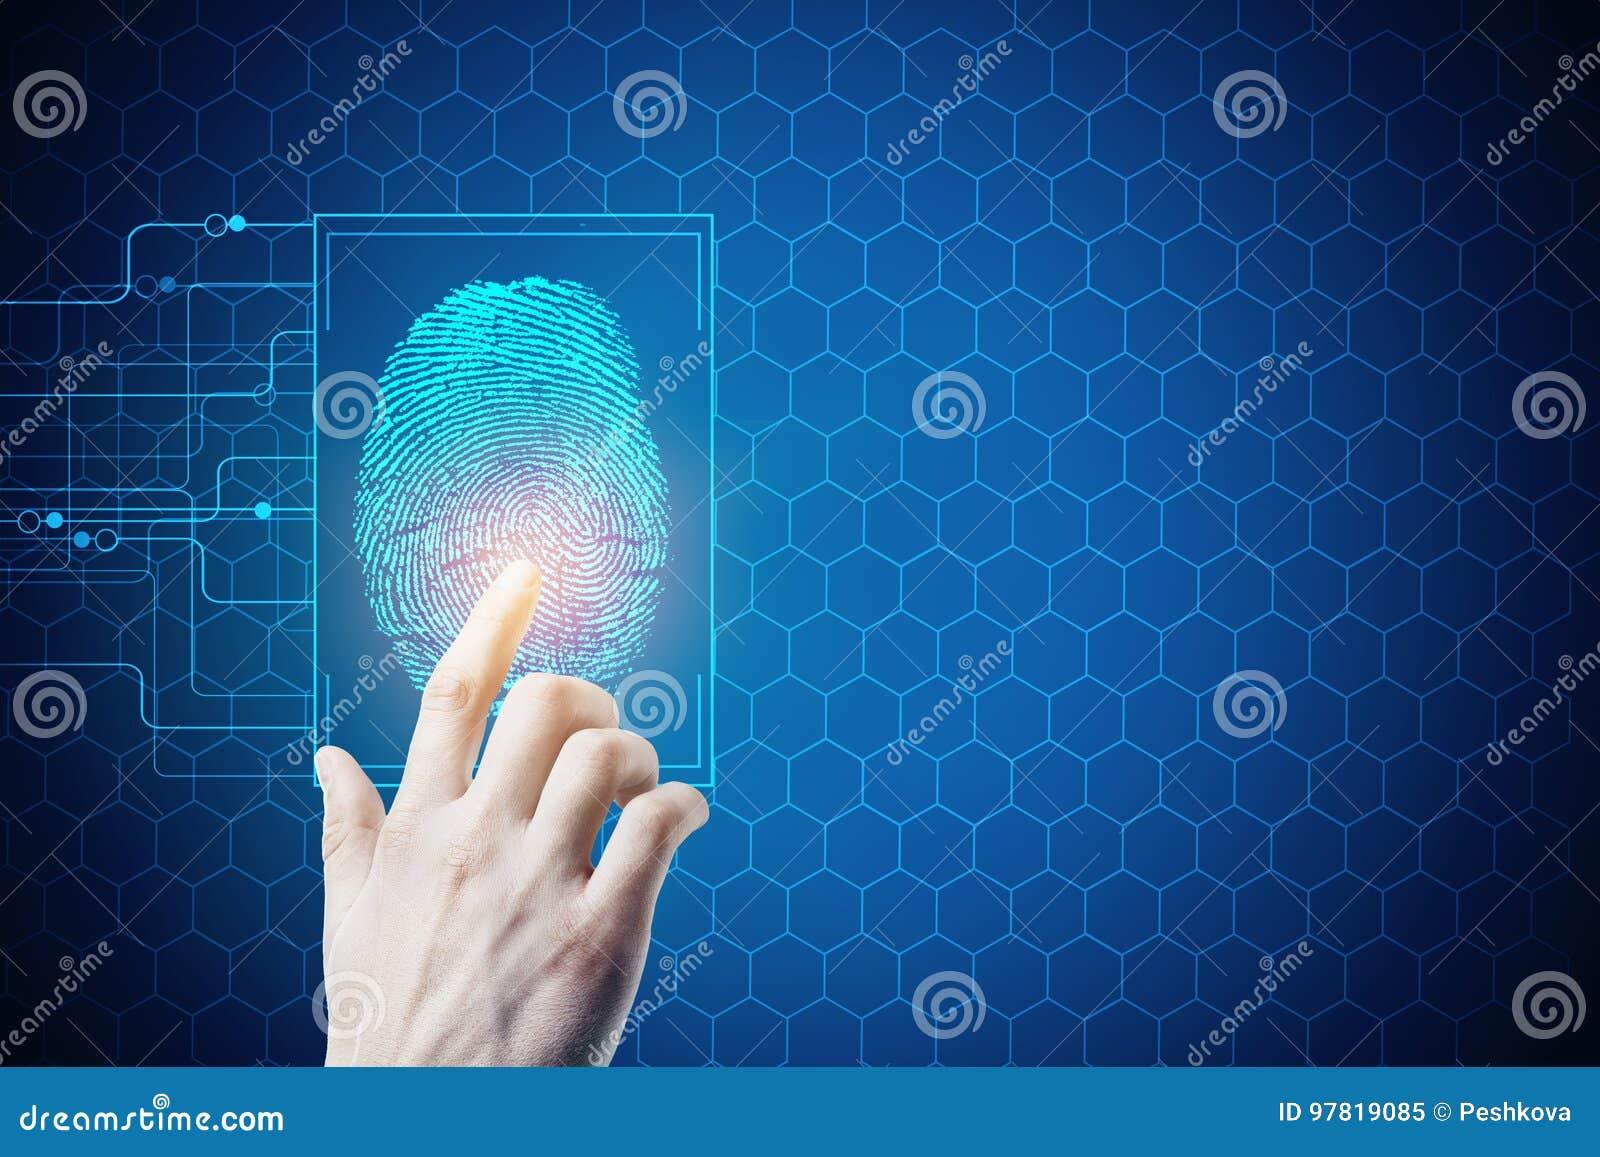 Biometrics, bezpieczeństwo i dostęp,